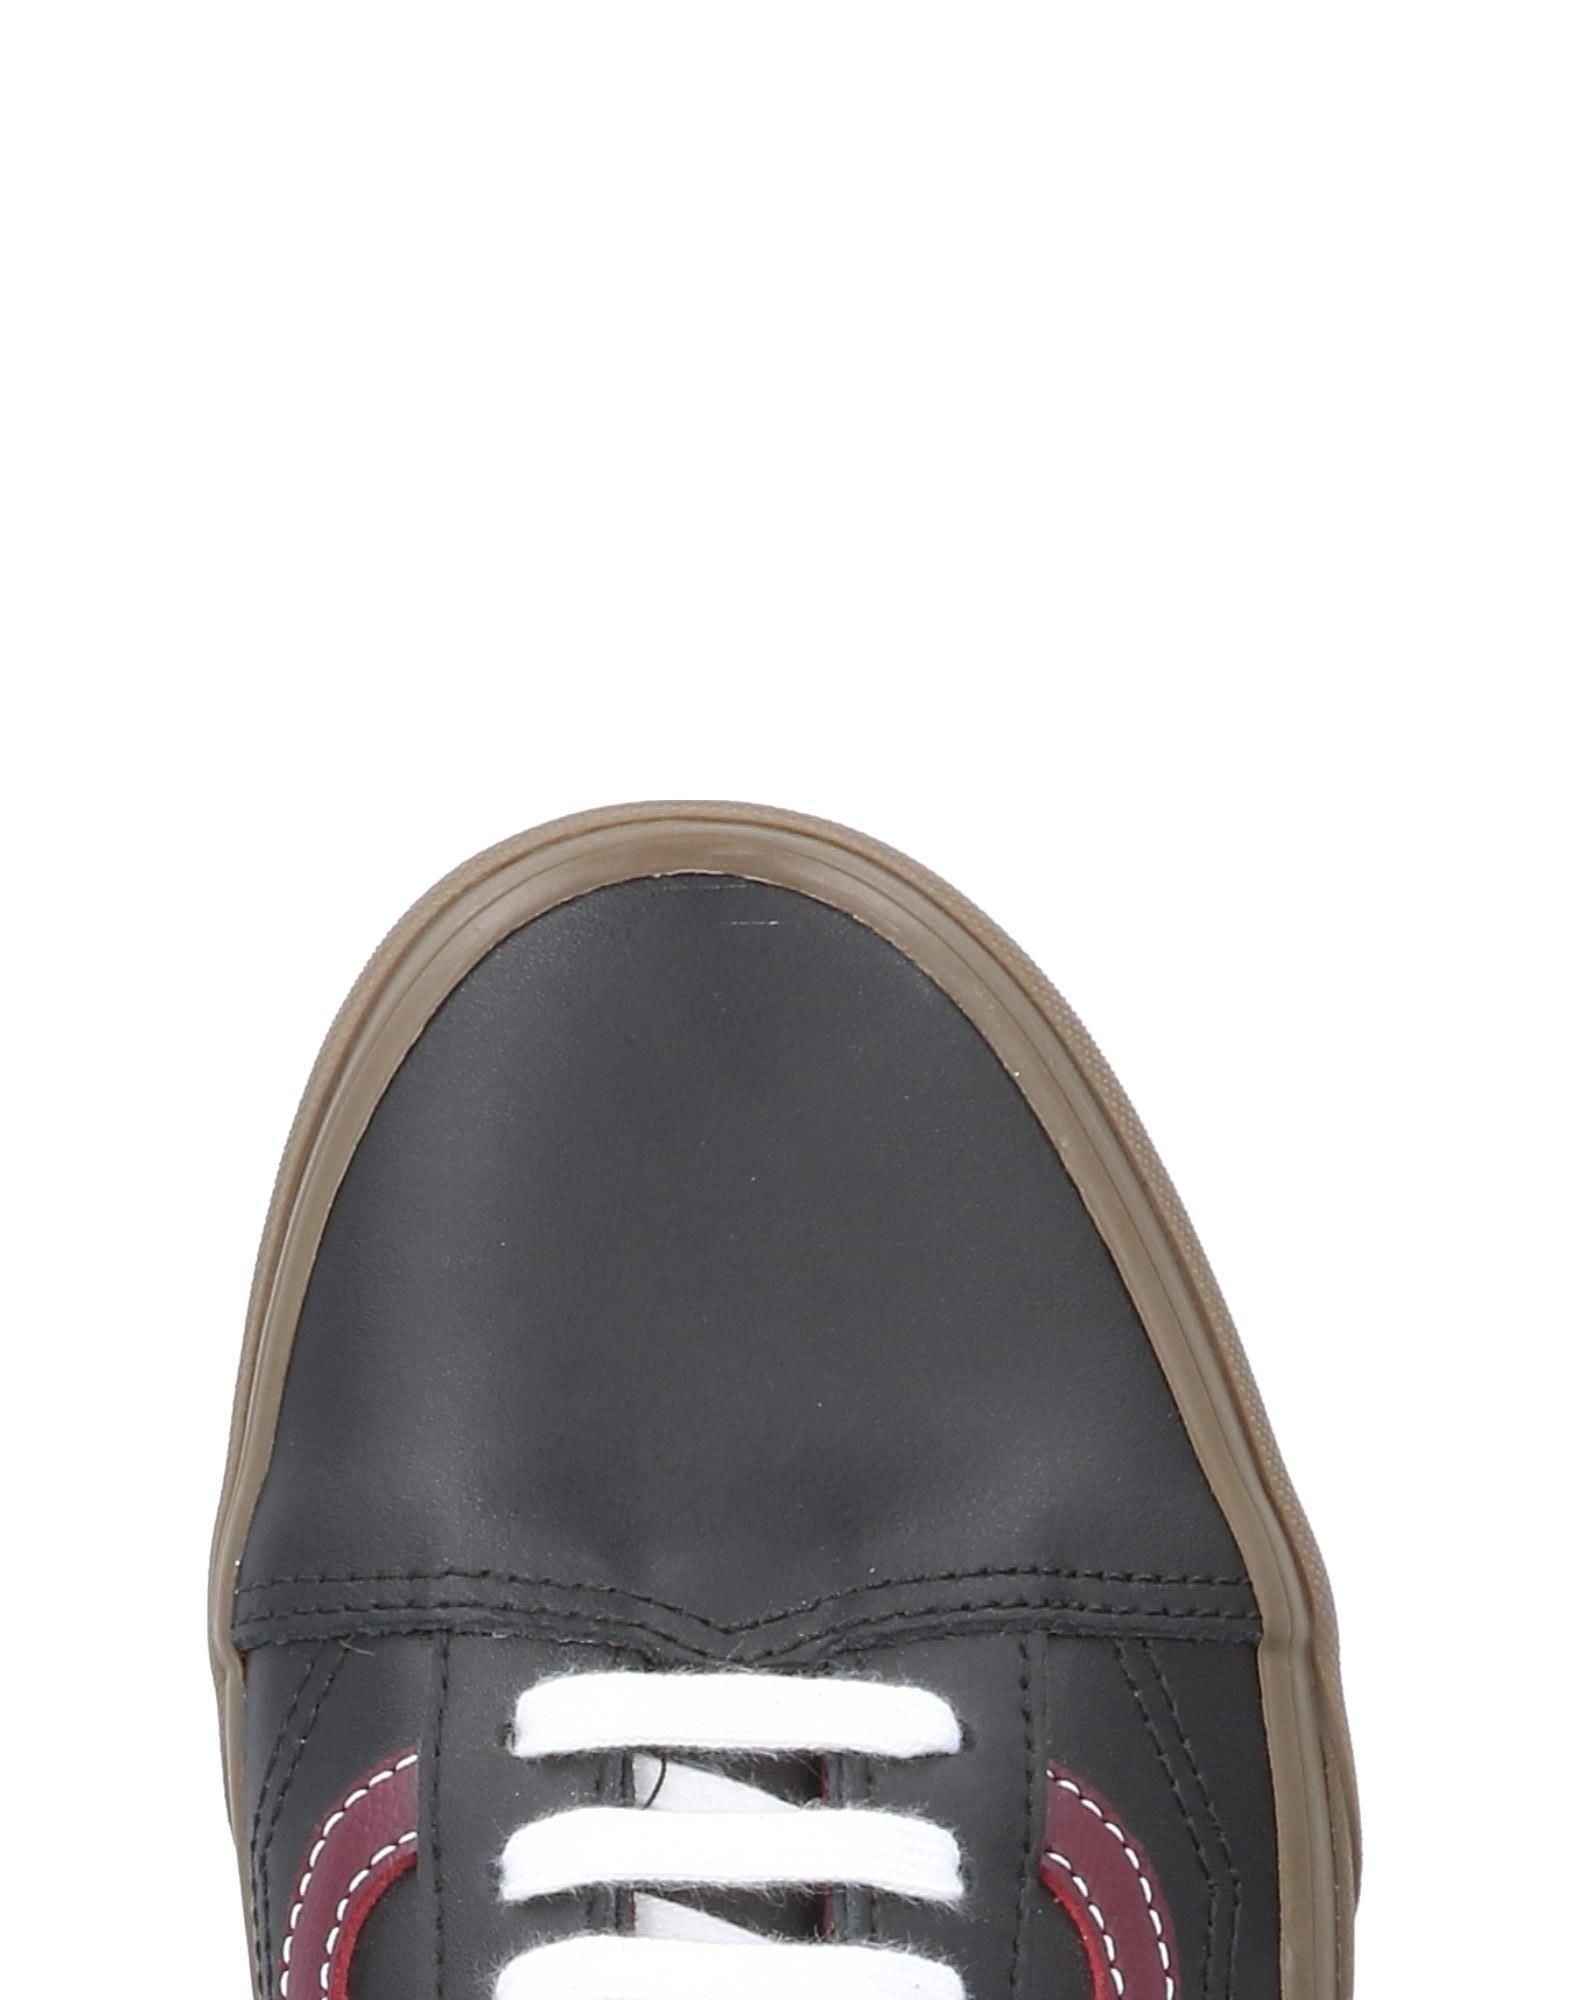 Vans Sneakers - Men Men Men Vans Sneakers online on  Australia - 11495888KE 27546a